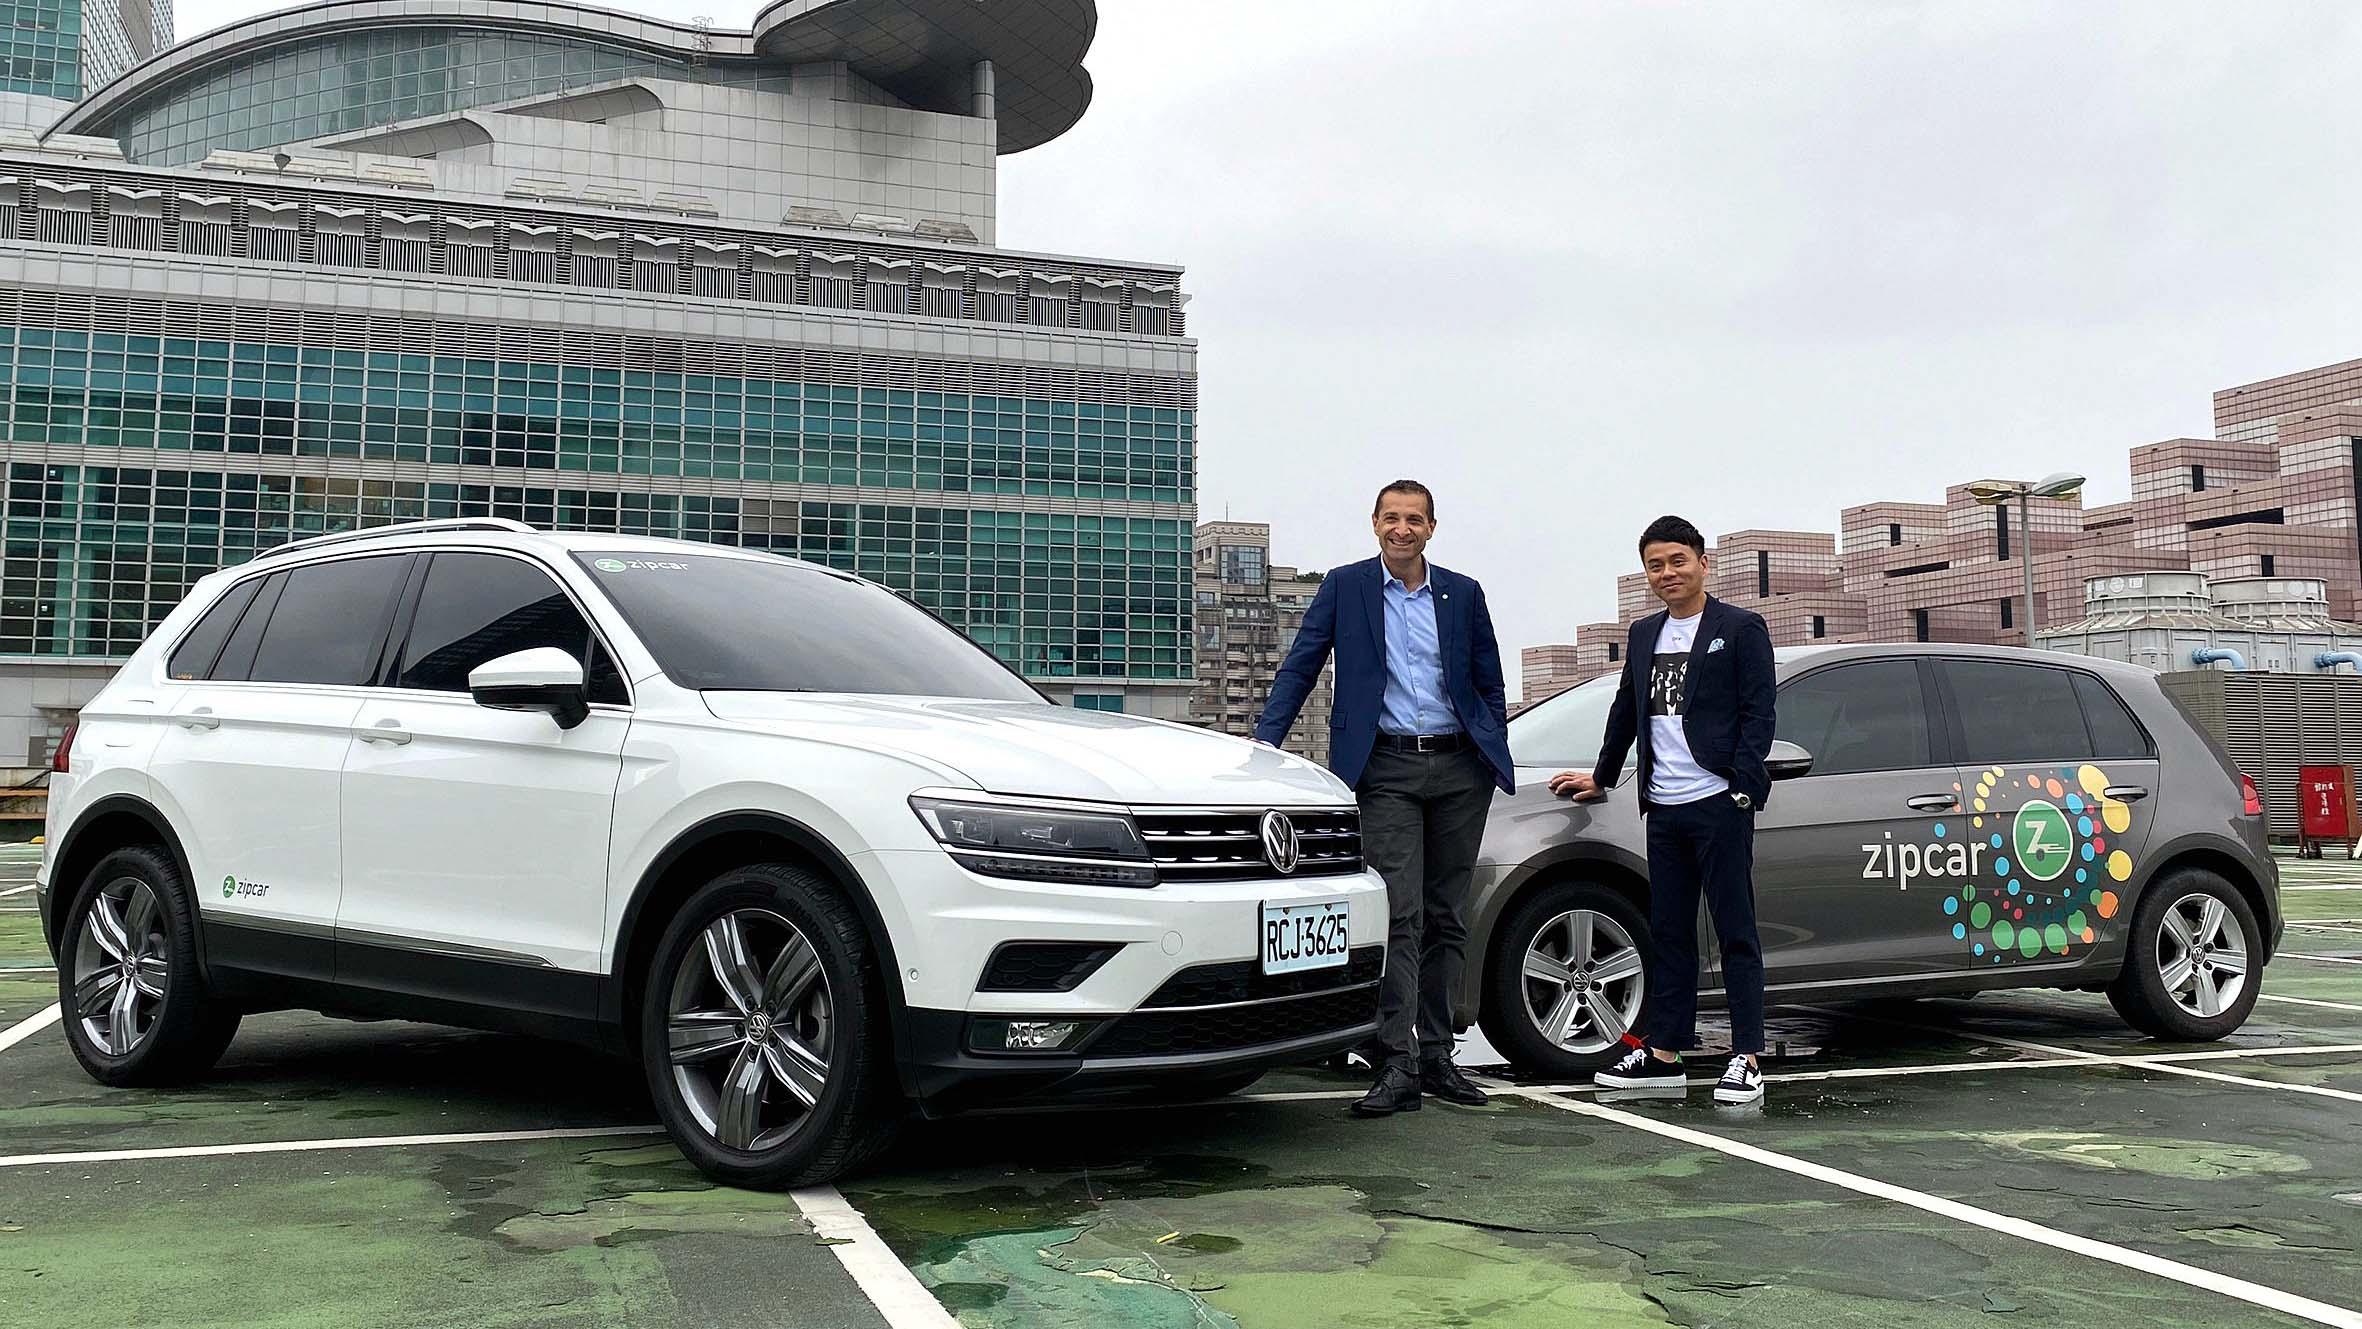 台灣福斯、Zipcar 聯手開創共享新體驗